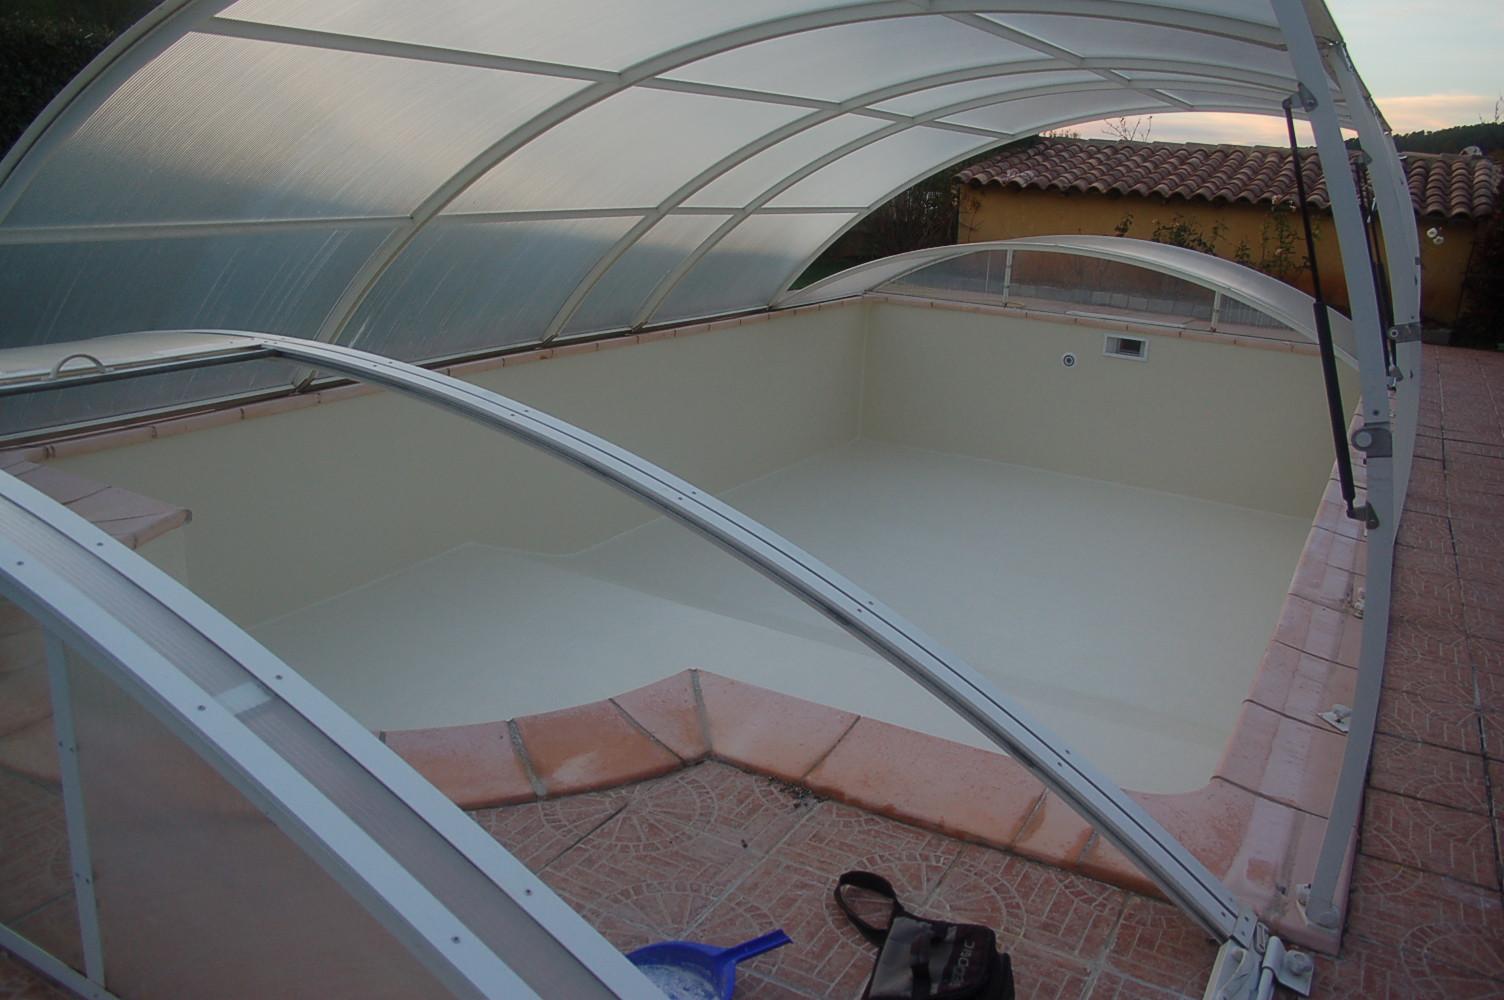 R novation piscine liner en polyester - Renovation piscine coque polyester ...